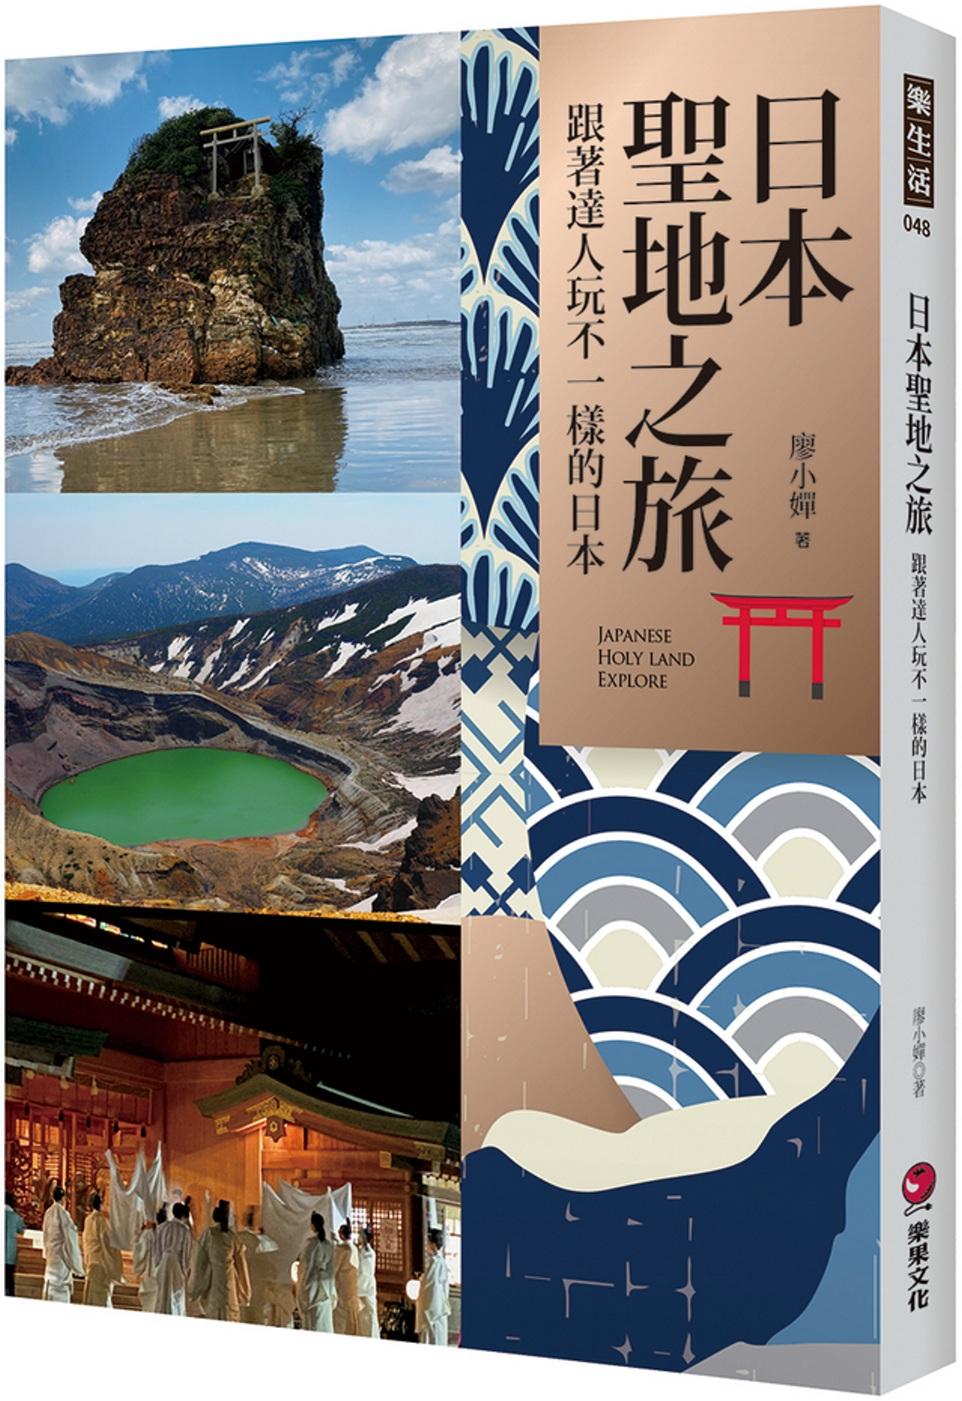 日本聖地之旅:跟著達人玩不一樣...